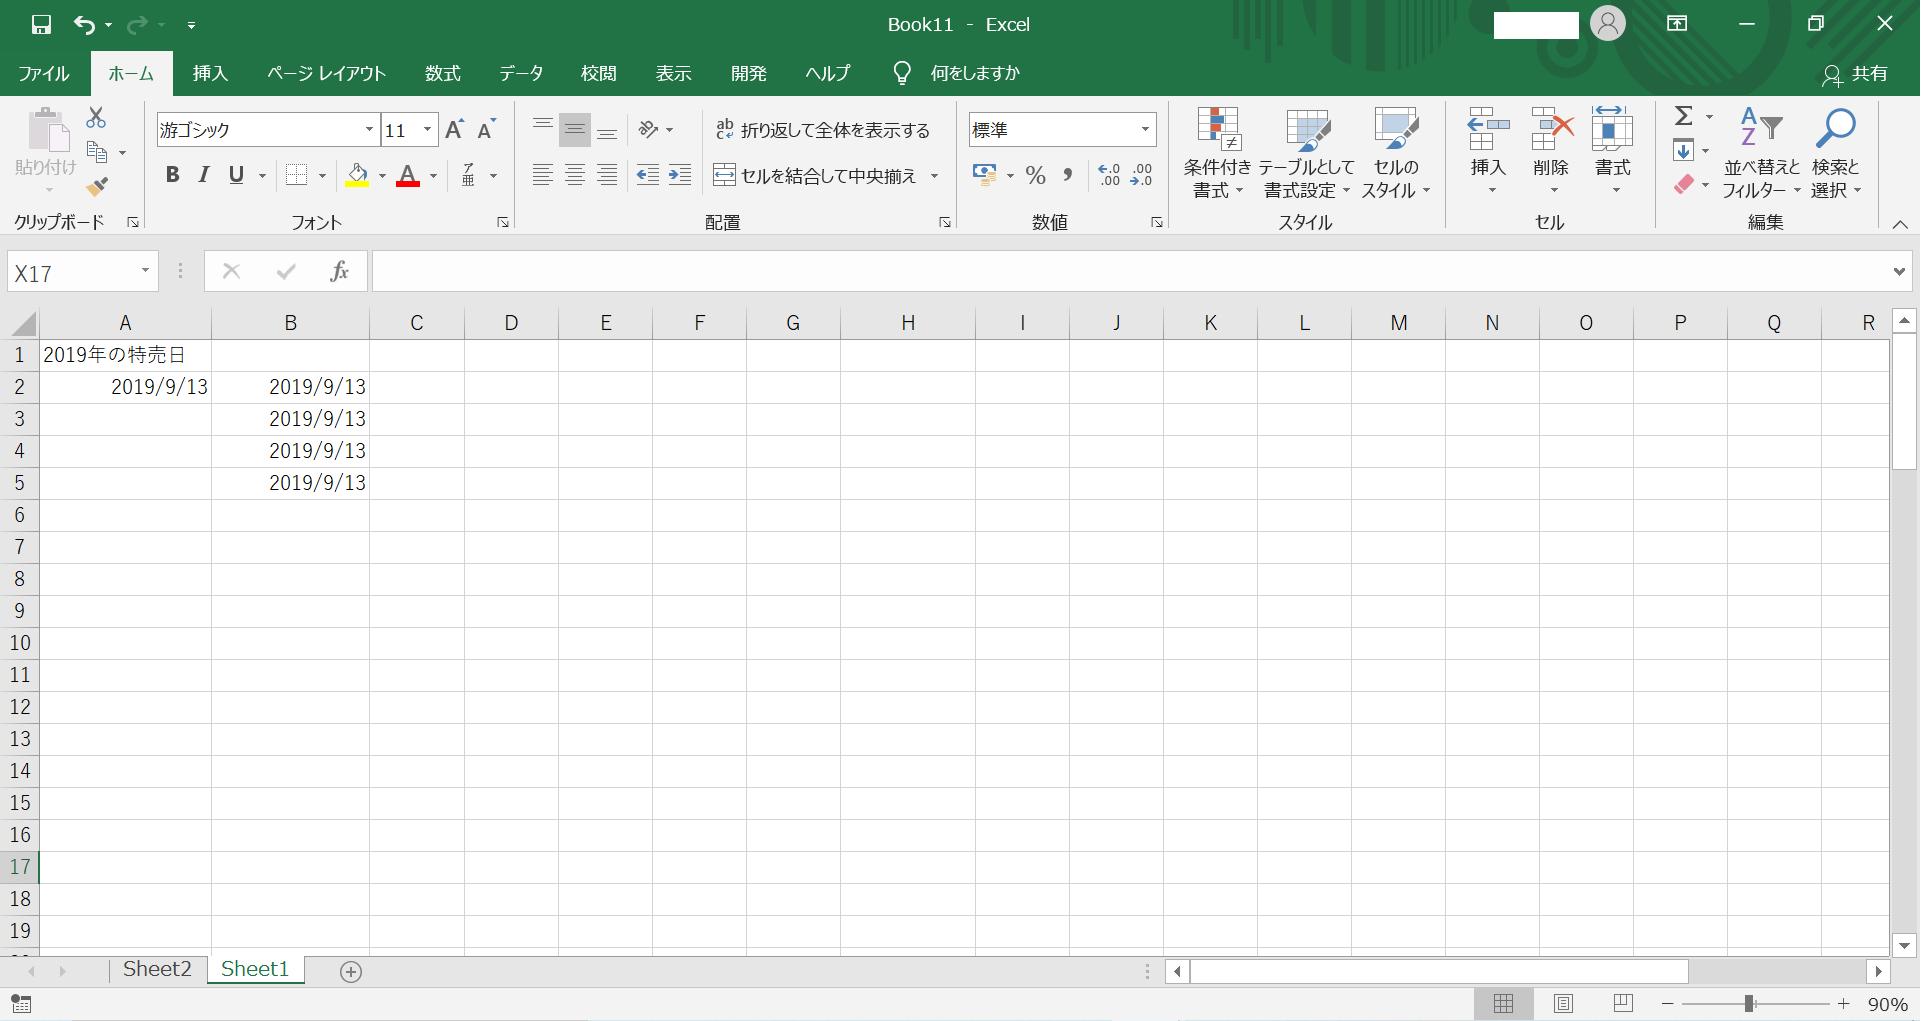 書式設定を変更して日付から曜日を確認するマクロを実行する前の画面